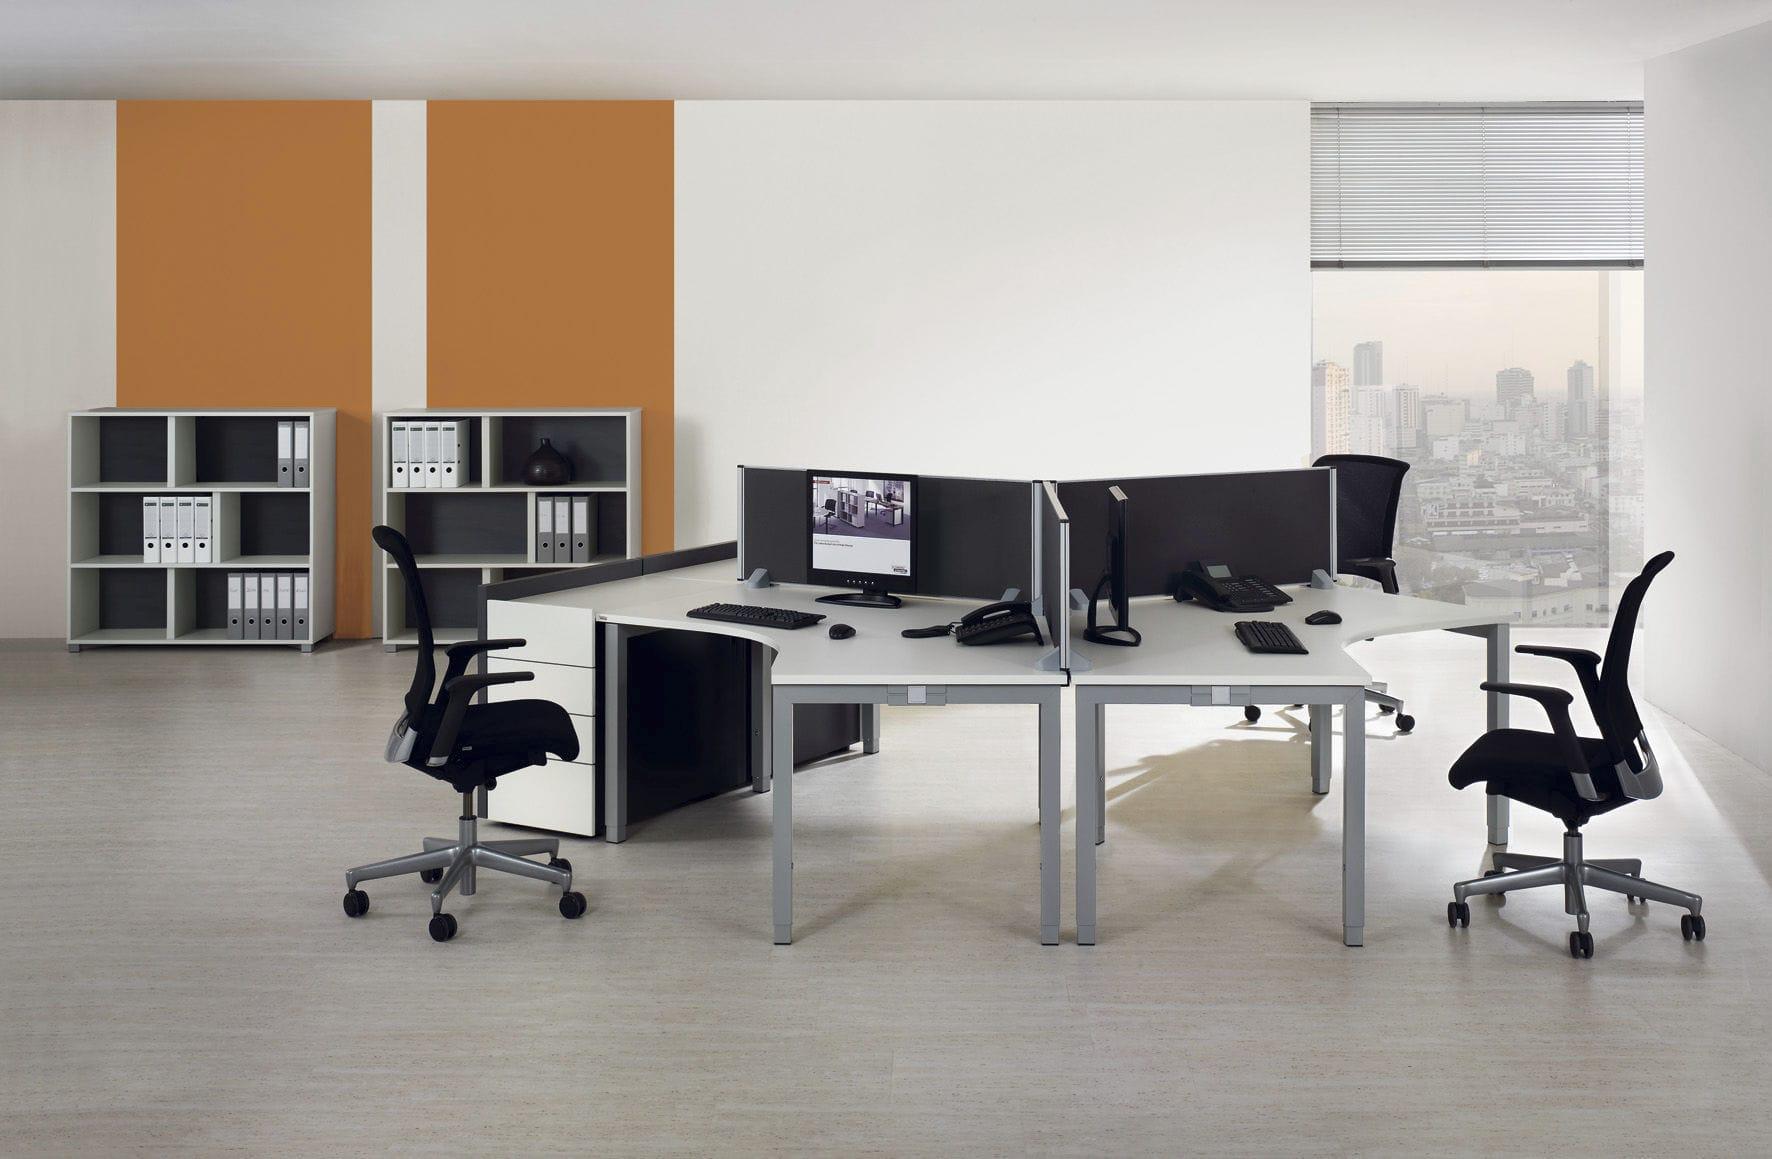 ... Holz Schreibtisch / Aus Aluminium / Melamin / Modern TRIASS ASSMANN  BÜROMÖBEL GMBH U0026 CO